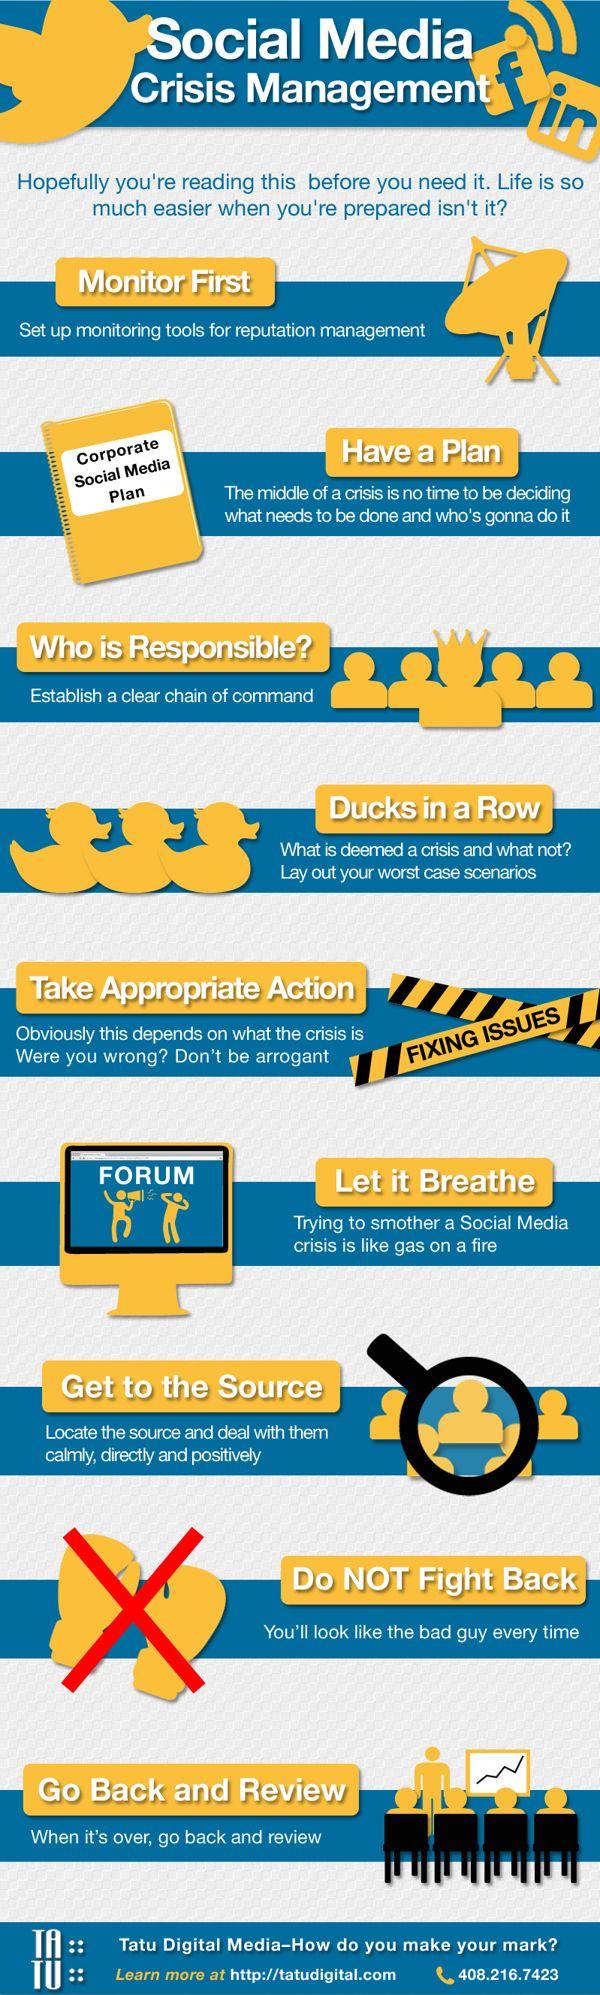 Manejo De Una Crisis En Social Media Infografia Infographic Socialmedia Tics Y Formación Medios De Comunicación Social Socialismo Infografia